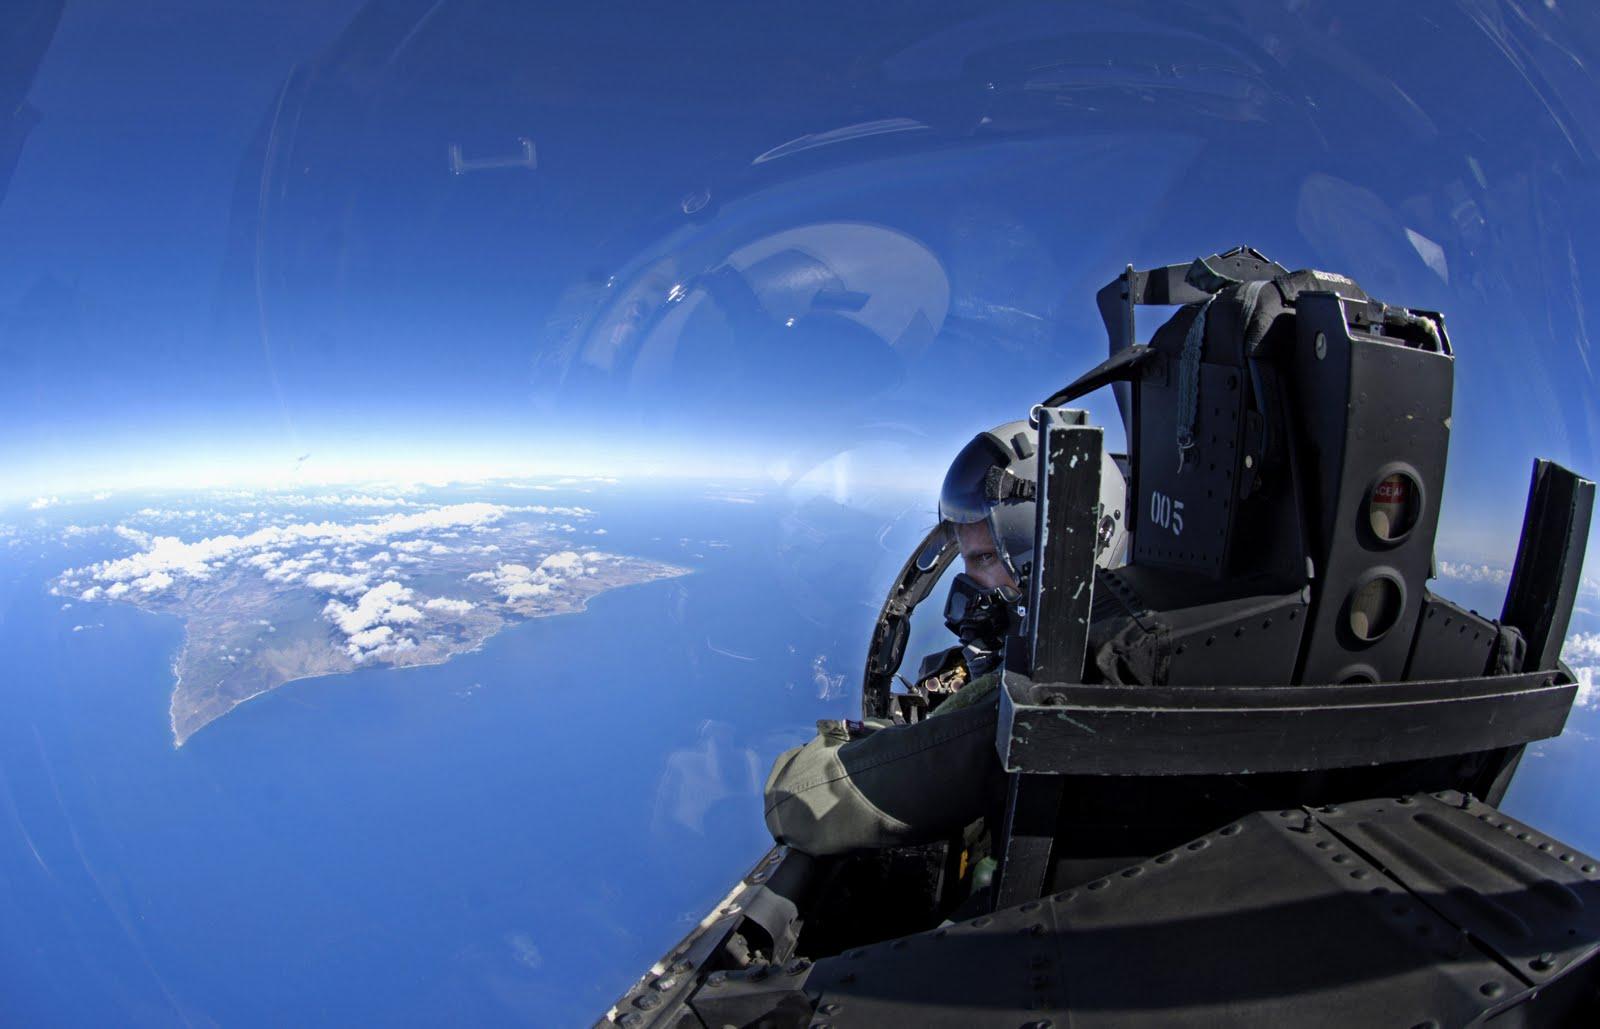 http://3.bp.blogspot.com/_I2KtyvwA8HQ/TScBTqQHAKI/AAAAAAAAB8I/tXLrB9y5fjI/s1600/f15eagle-on-approach-to-hawaii.jpg